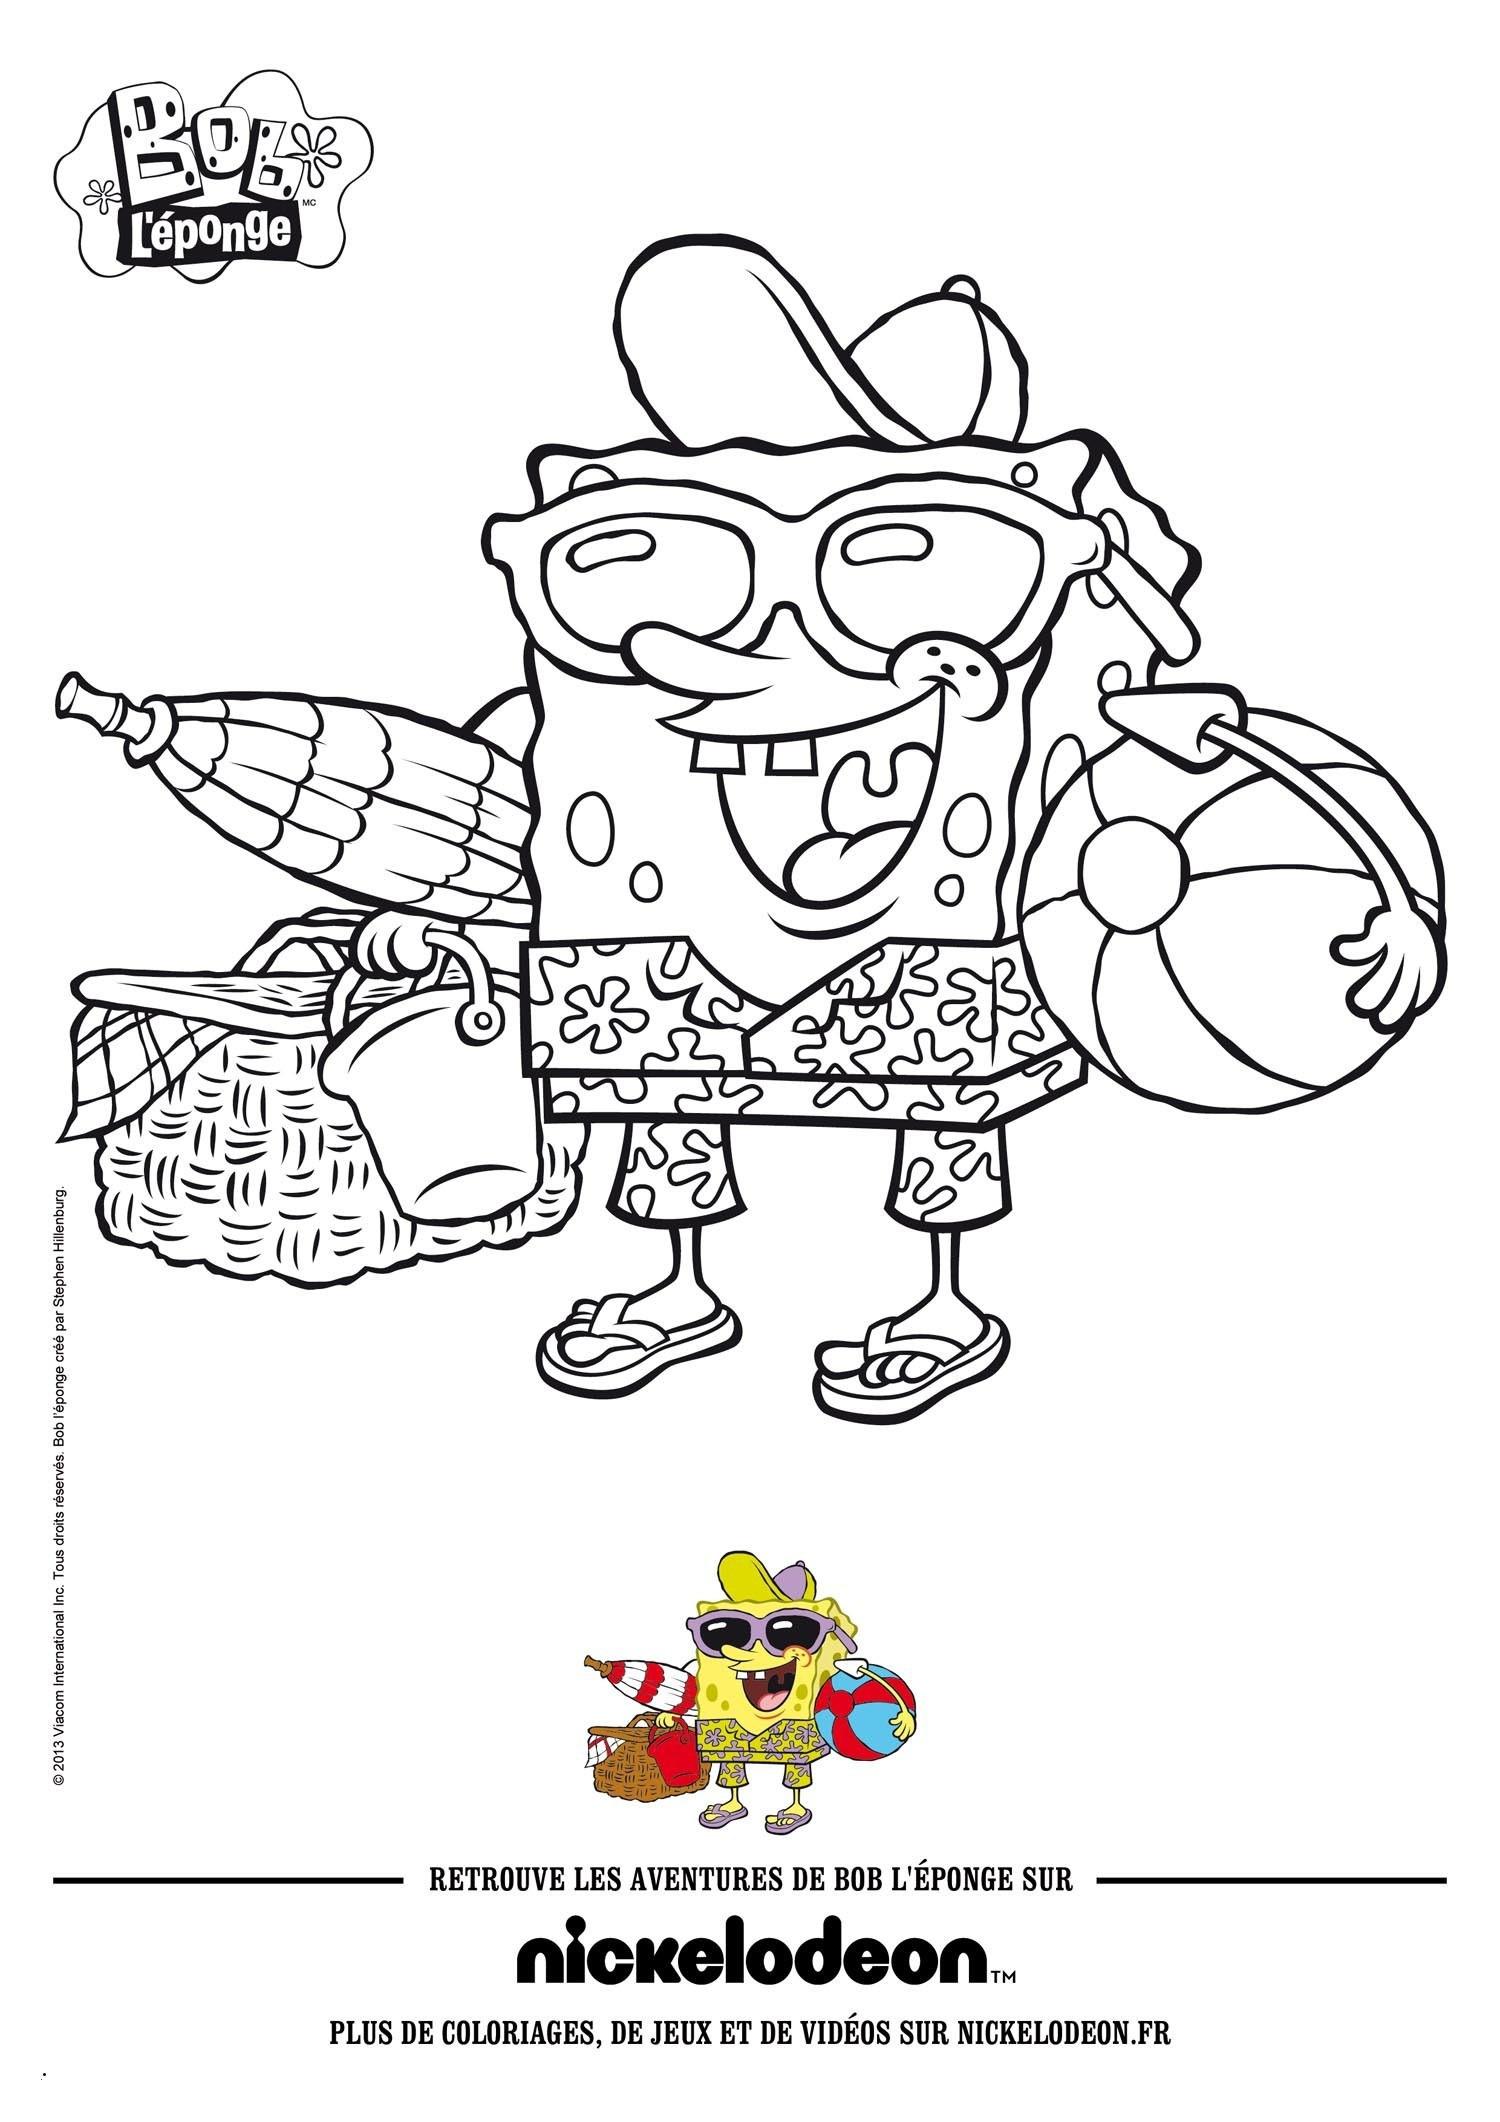 Spongebob Zum Ausmalen Das Beste Von 48 formular Spongebob Und Patrick Ausmalbilder Treehouse Nyc Bild